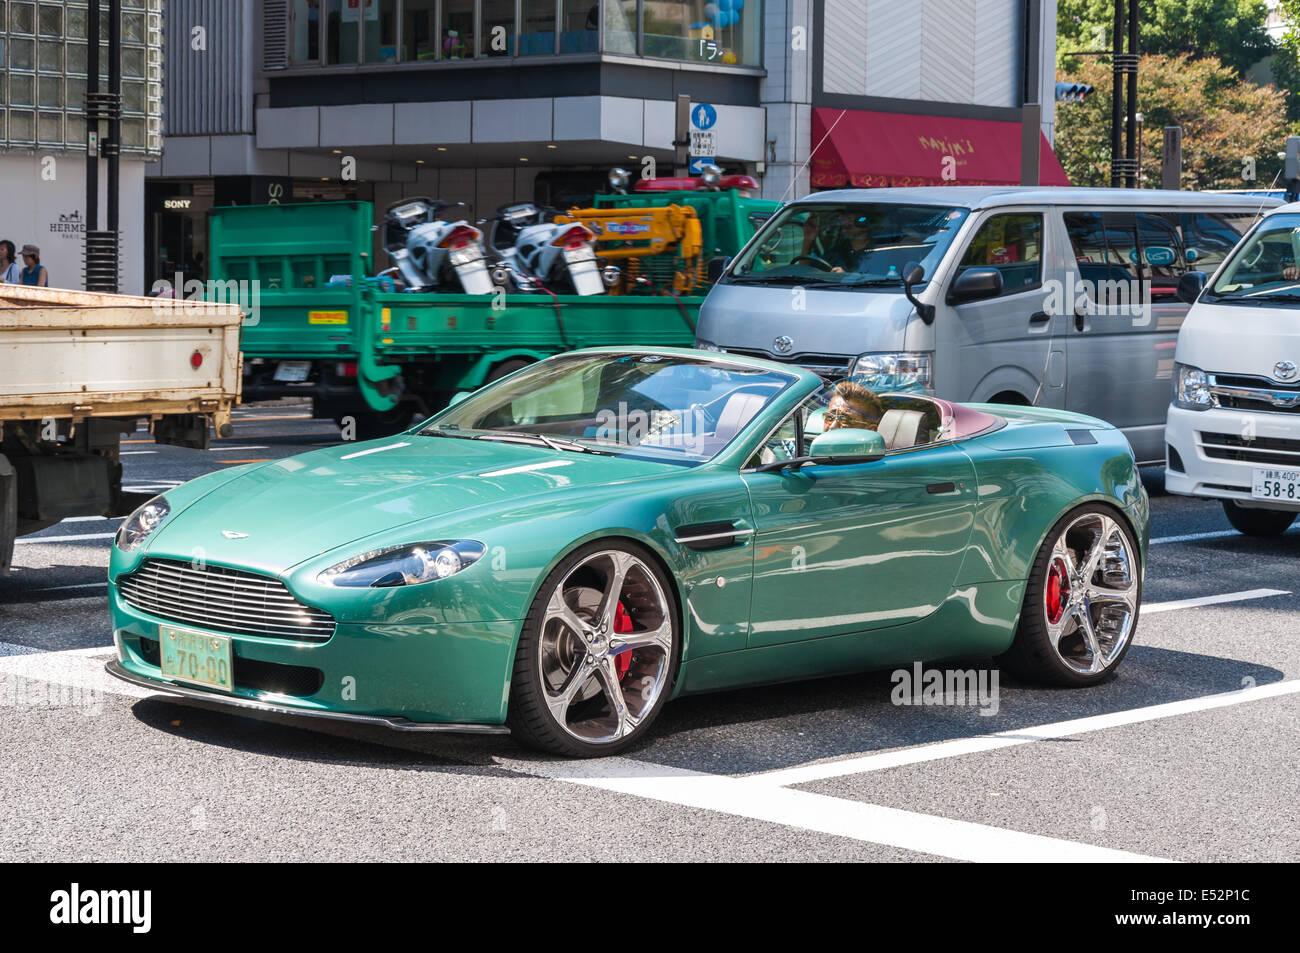 Ein Aston Martin hält an einer Ampel in gehobenen Bezirk Ginza in Tokio, Japan. Stockbild